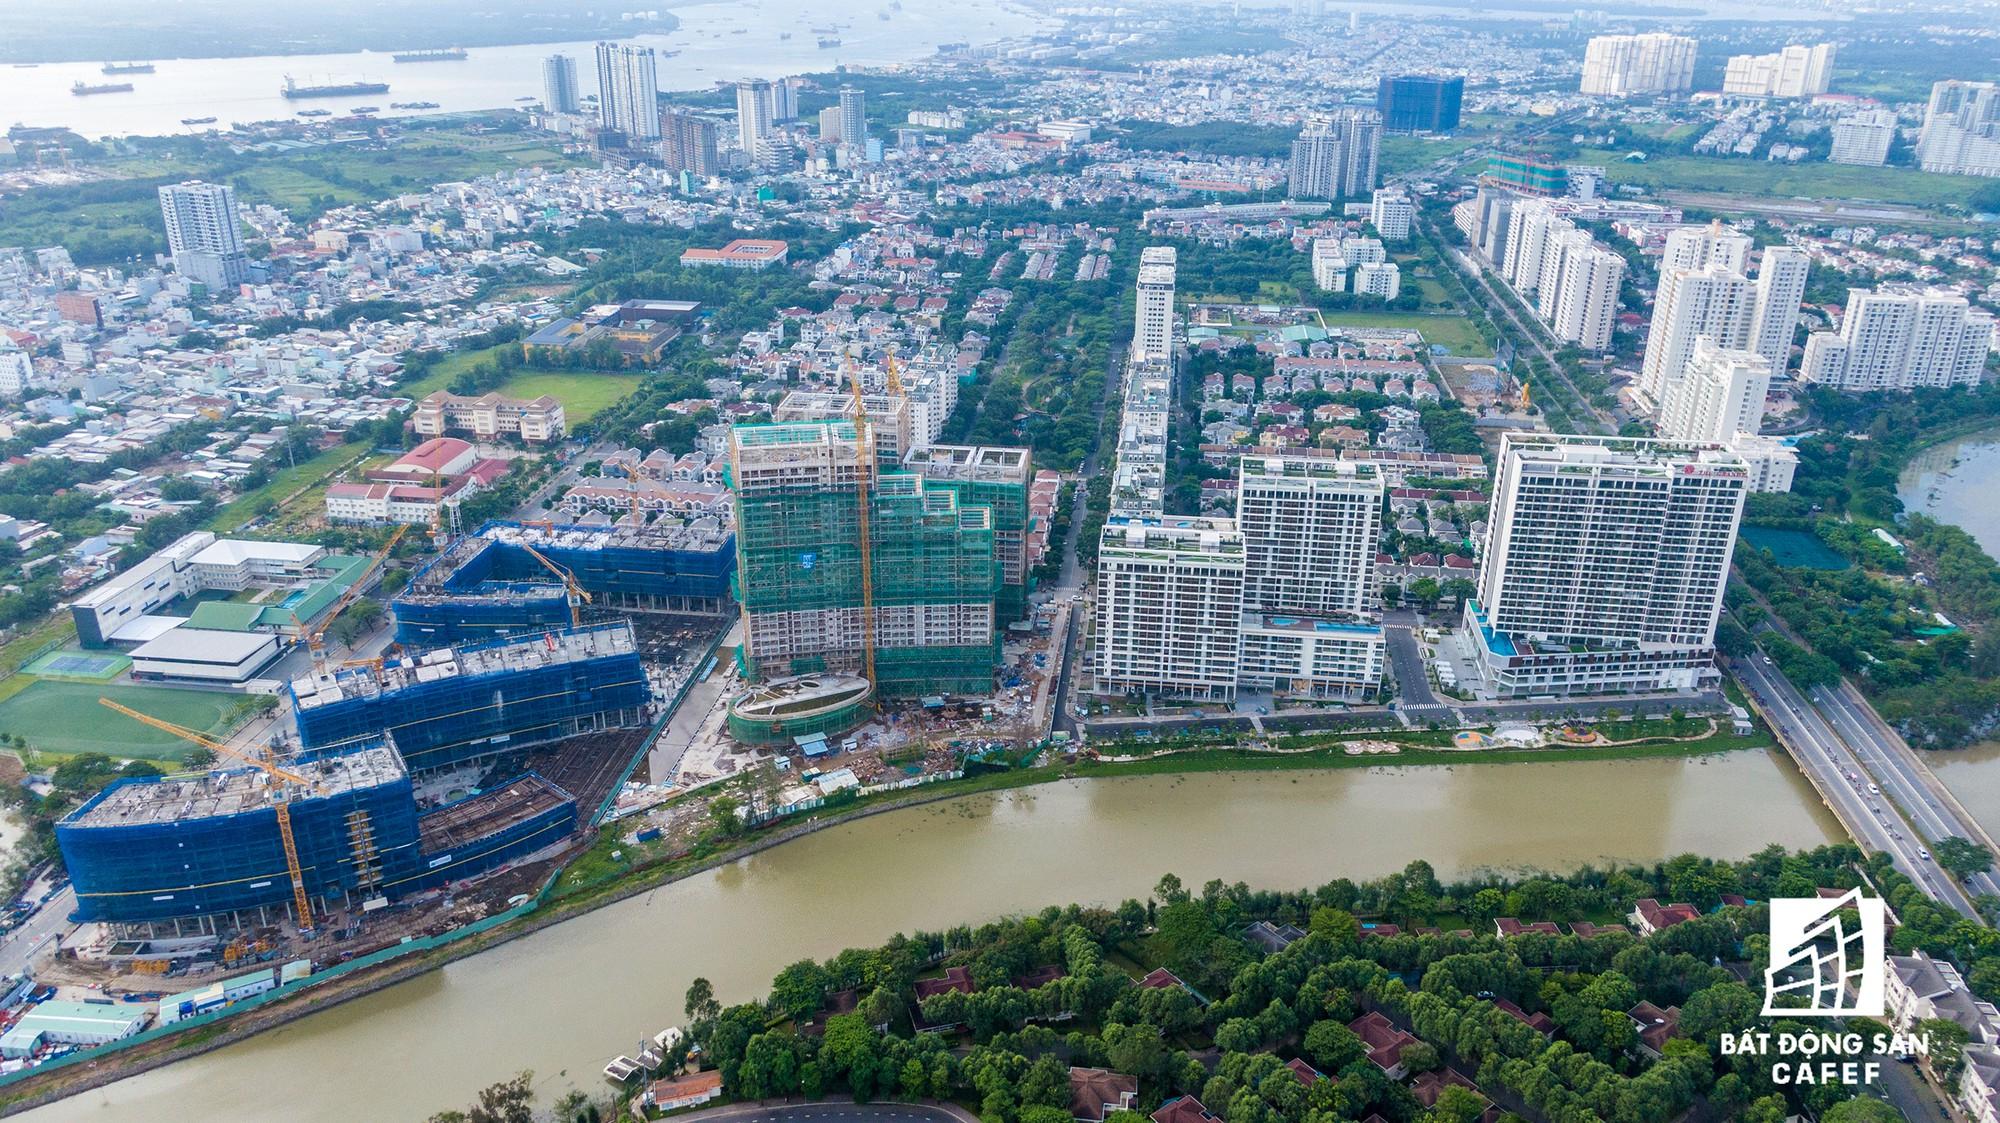 Có một trung tâm tài chính tại khu Nam Sài Gòn - Nơi giá nhà tăng chóng mặt - Ảnh 9.